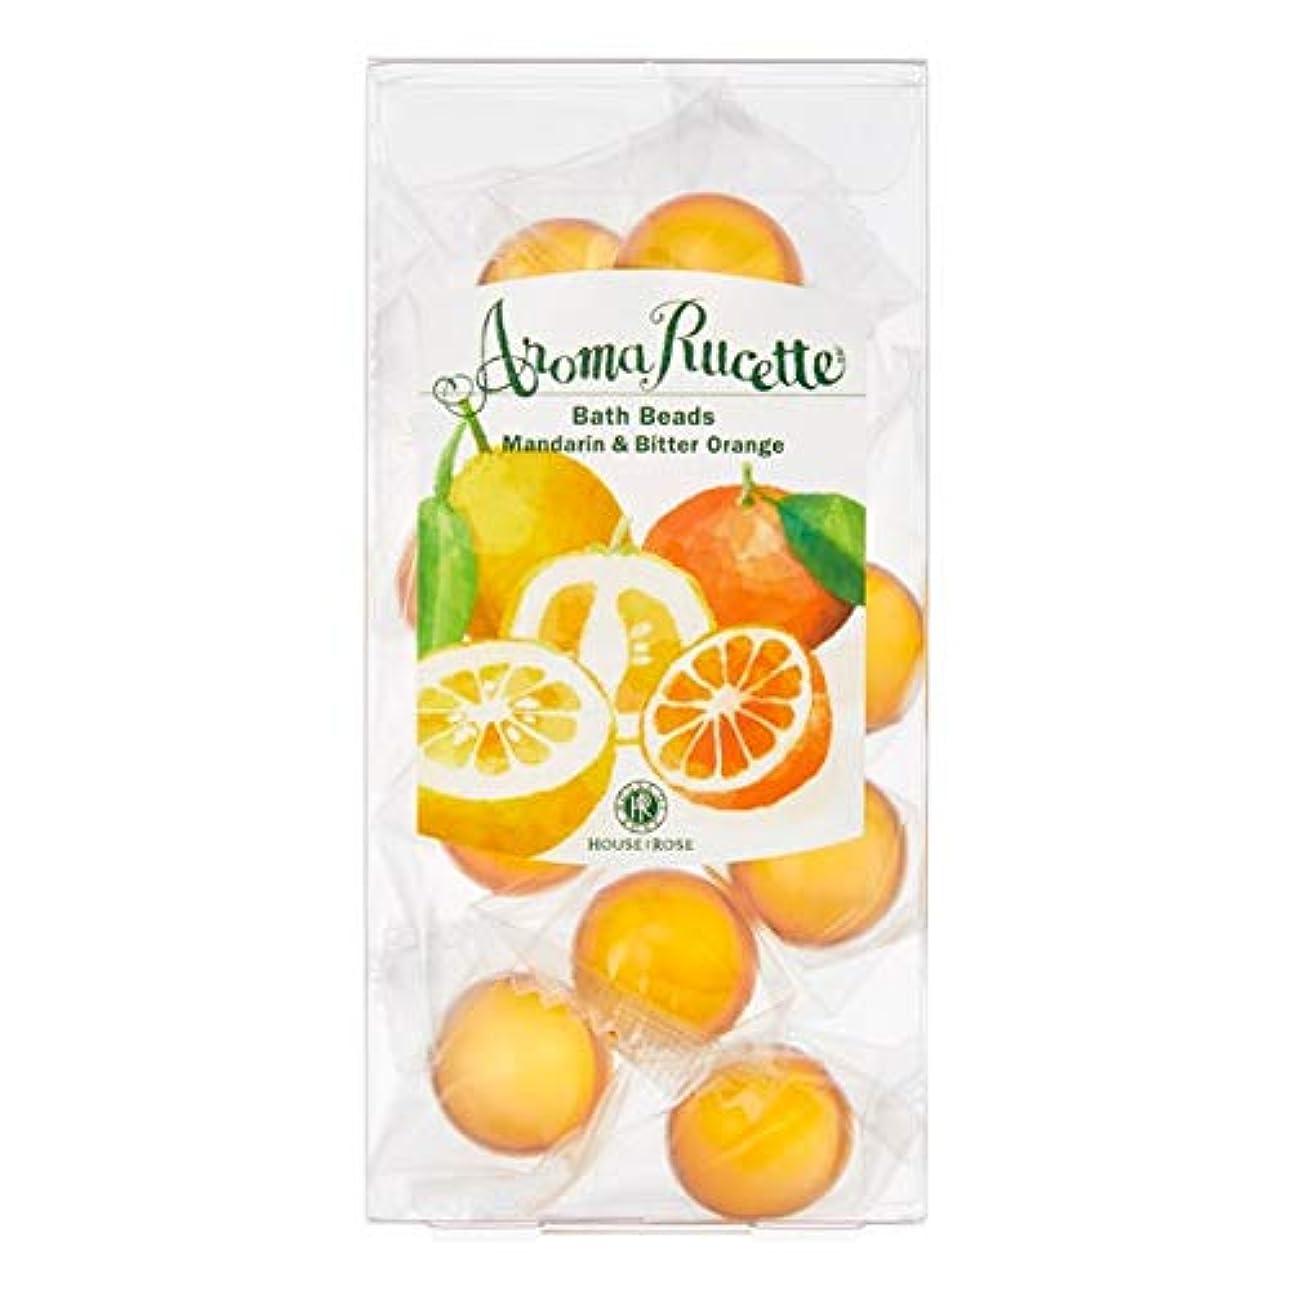 伝導罰ペストリーHOUSE OF ROSE(ハウスオブローゼ) ハウスオブローゼ/アロマルセット バスビーズ MD&BO(マンダリン&ビターオレンジの香り) 7g×11個